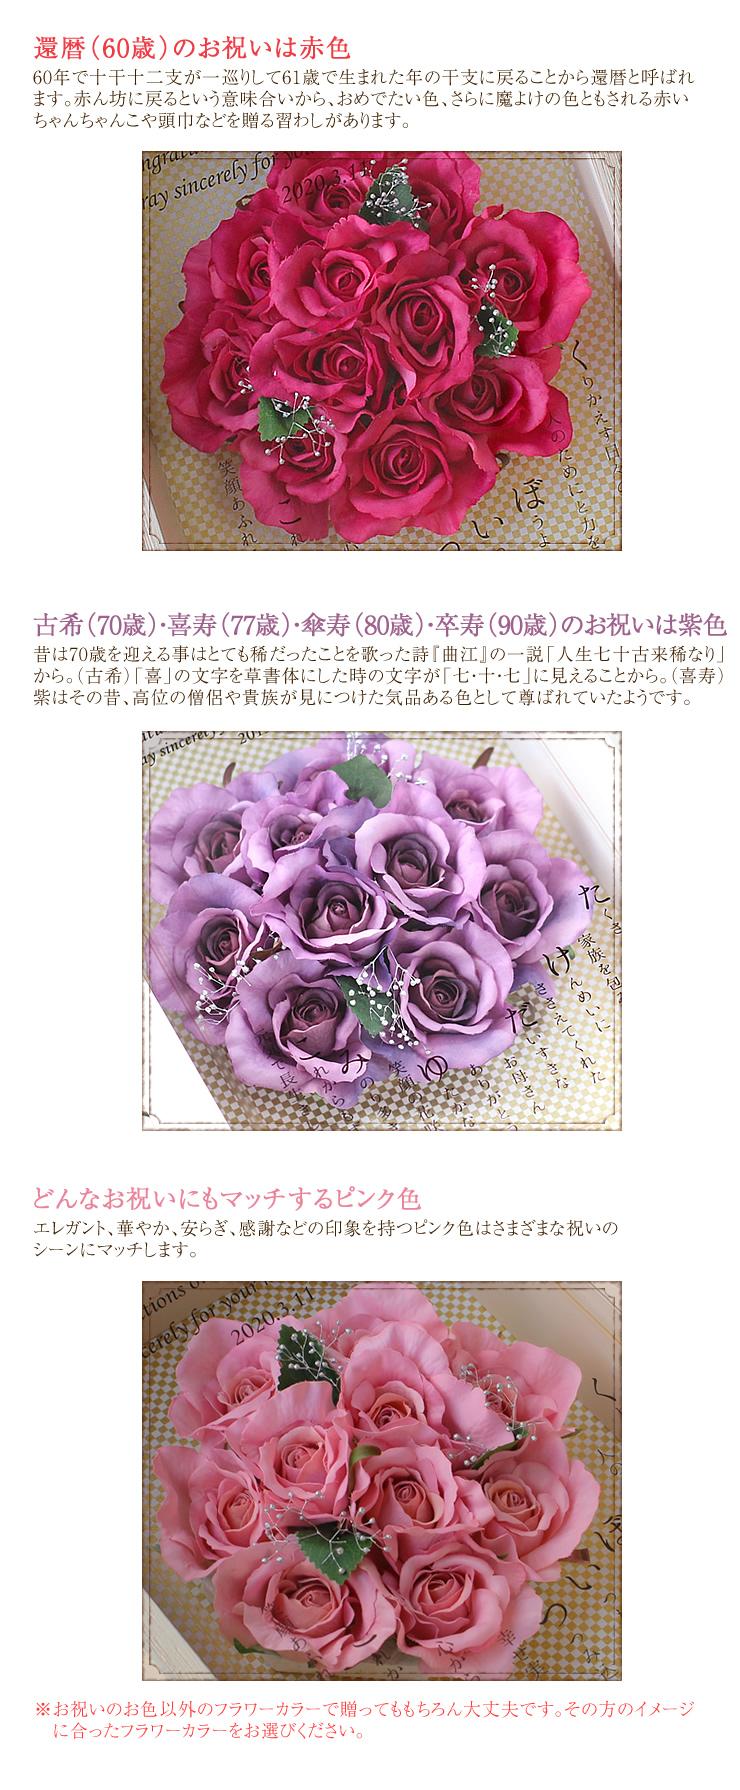 ロイヤルフラワーBOX 〜ネームポエム〜 ポイント2